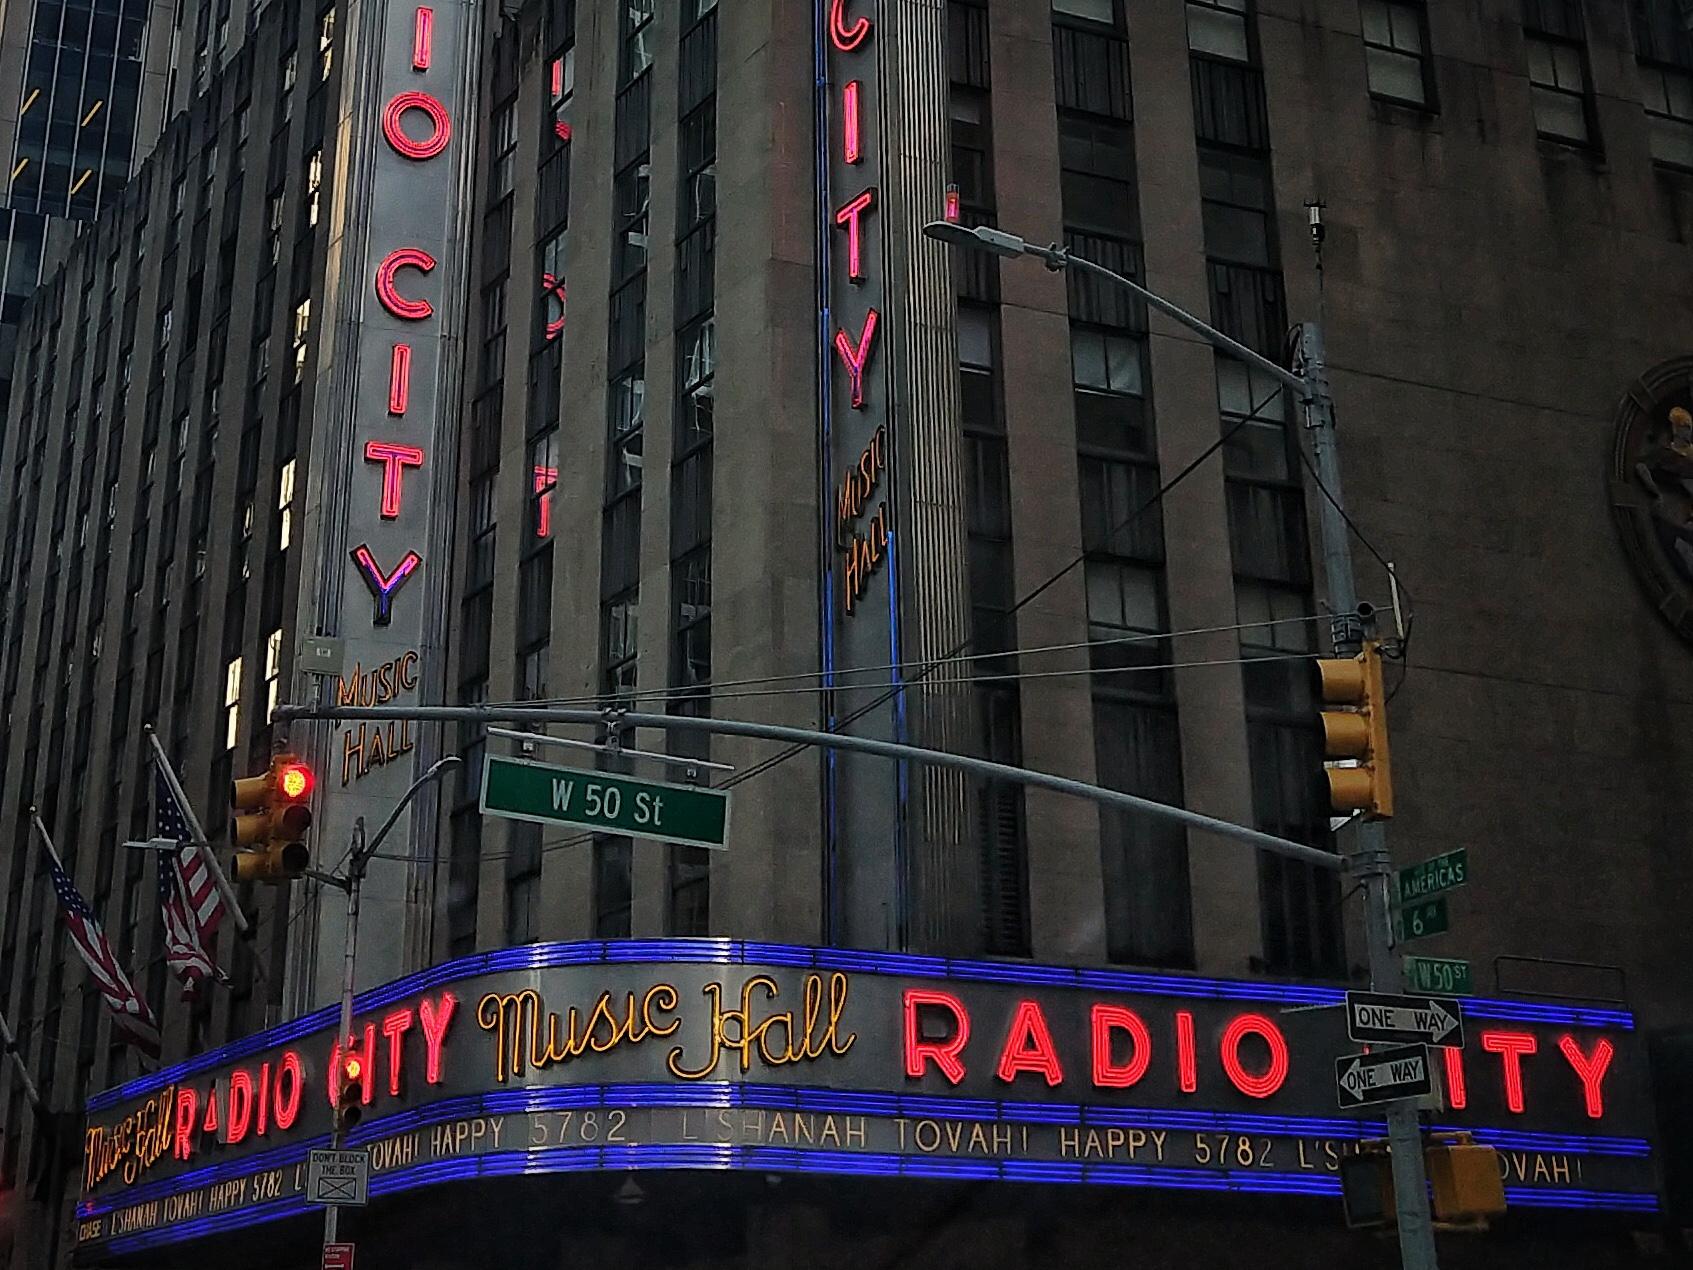 New York, Radio City Music Hall, Rosh Hashanah 2021, Happy 5782, L'Shanah Tovah